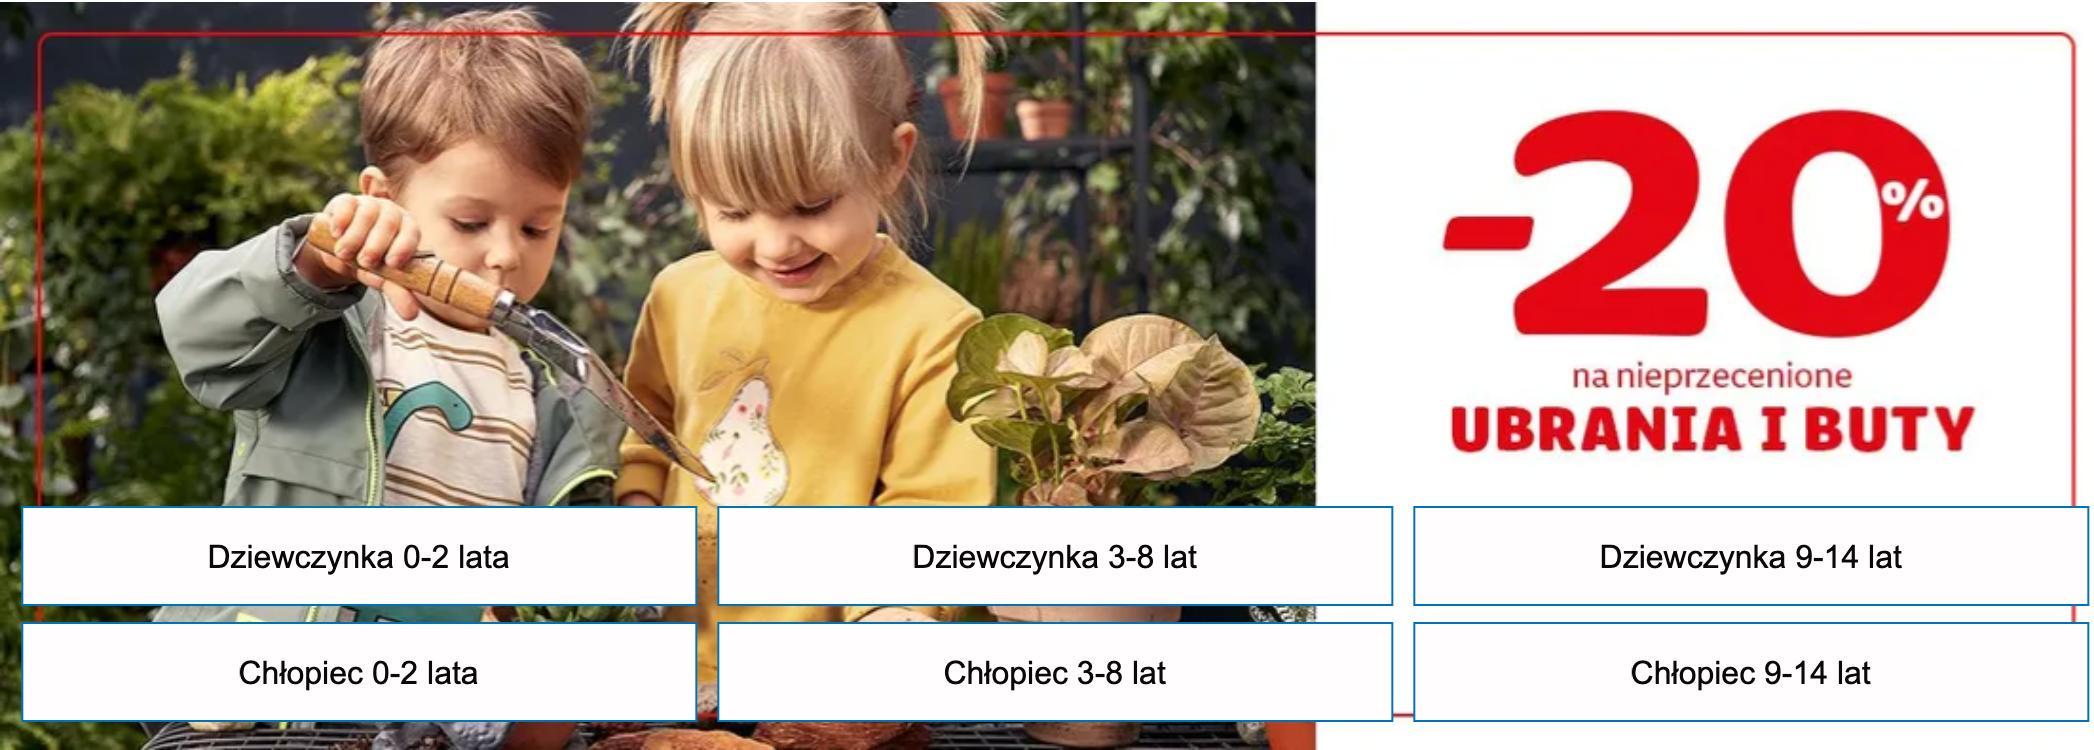 Smyk: 20% zniżki na nieprzecenione ubrania i buty dziecięce